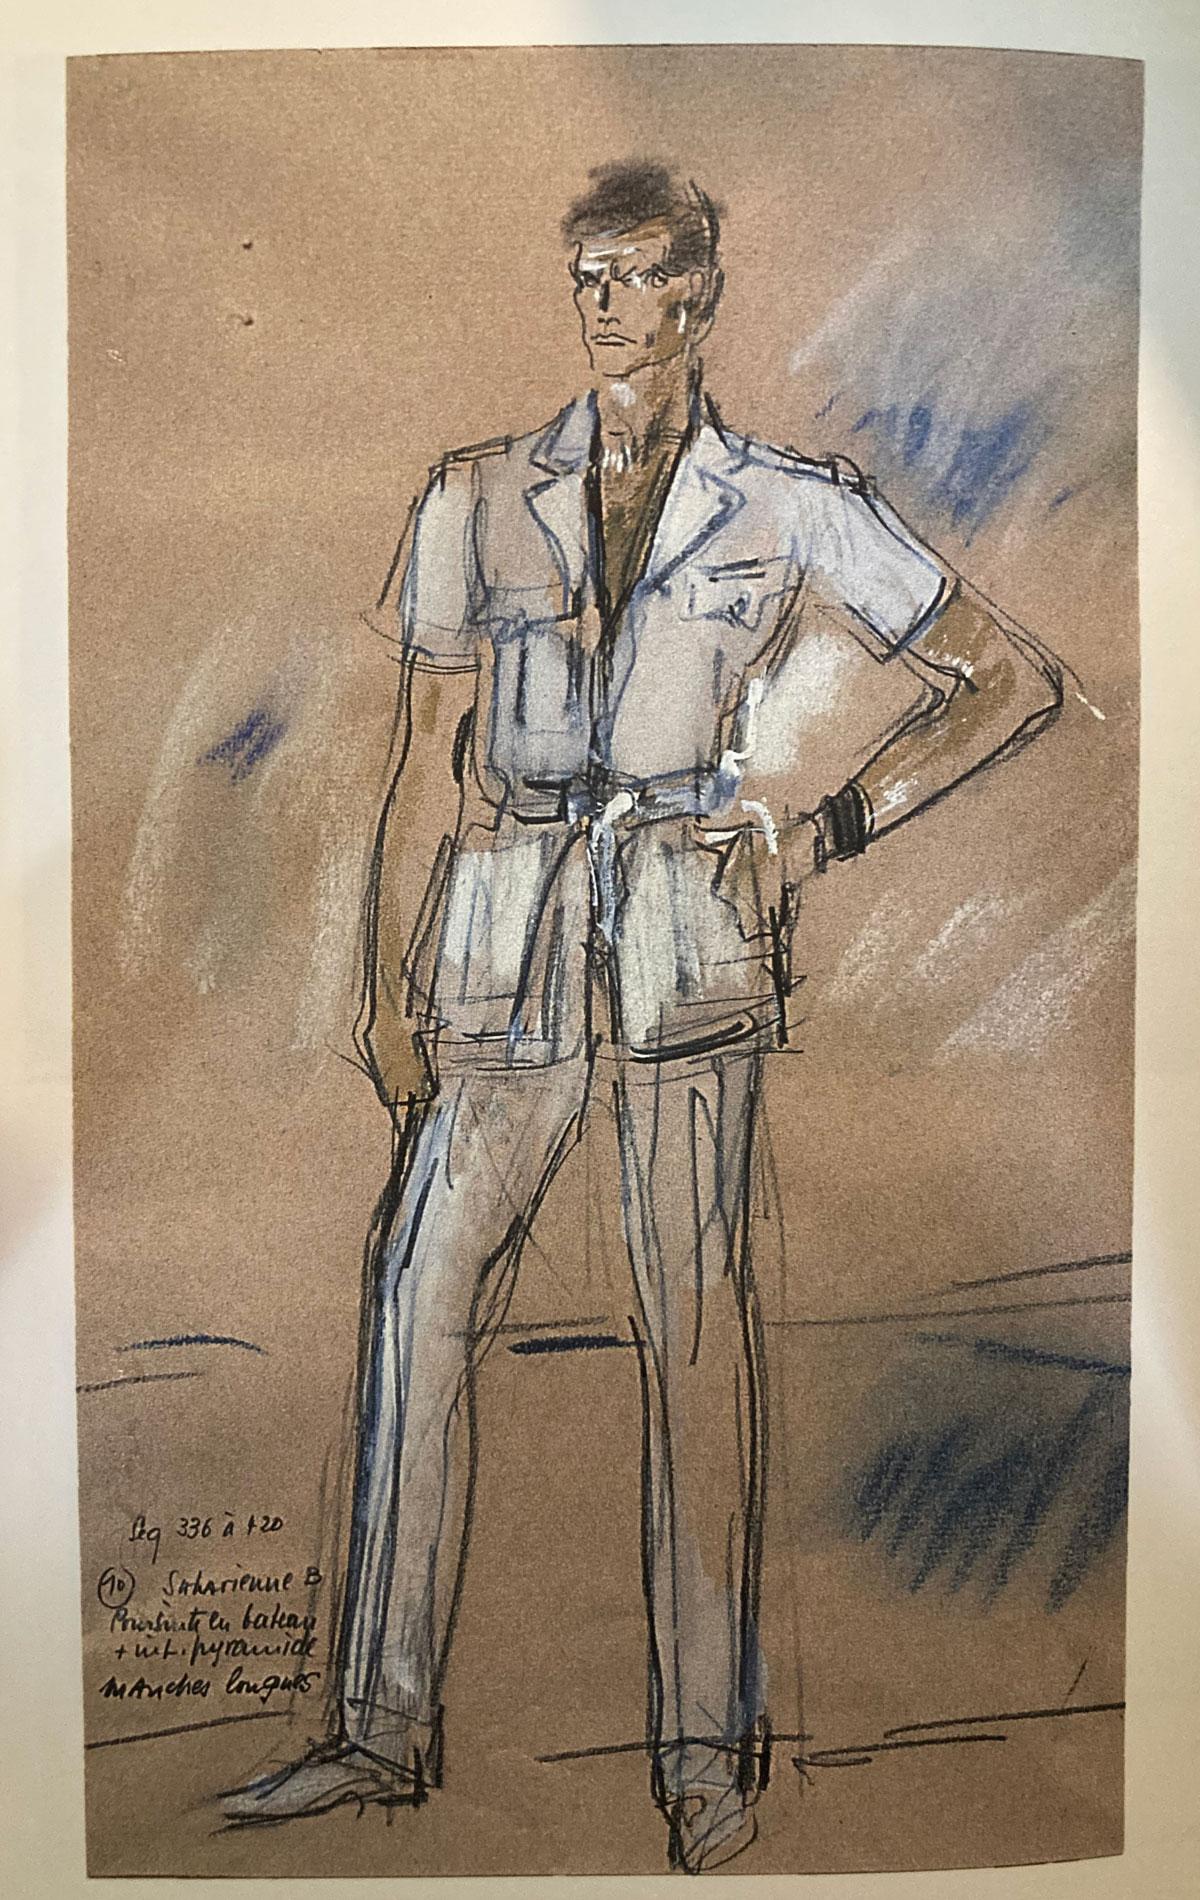 Roger Moore safari jacket illustration